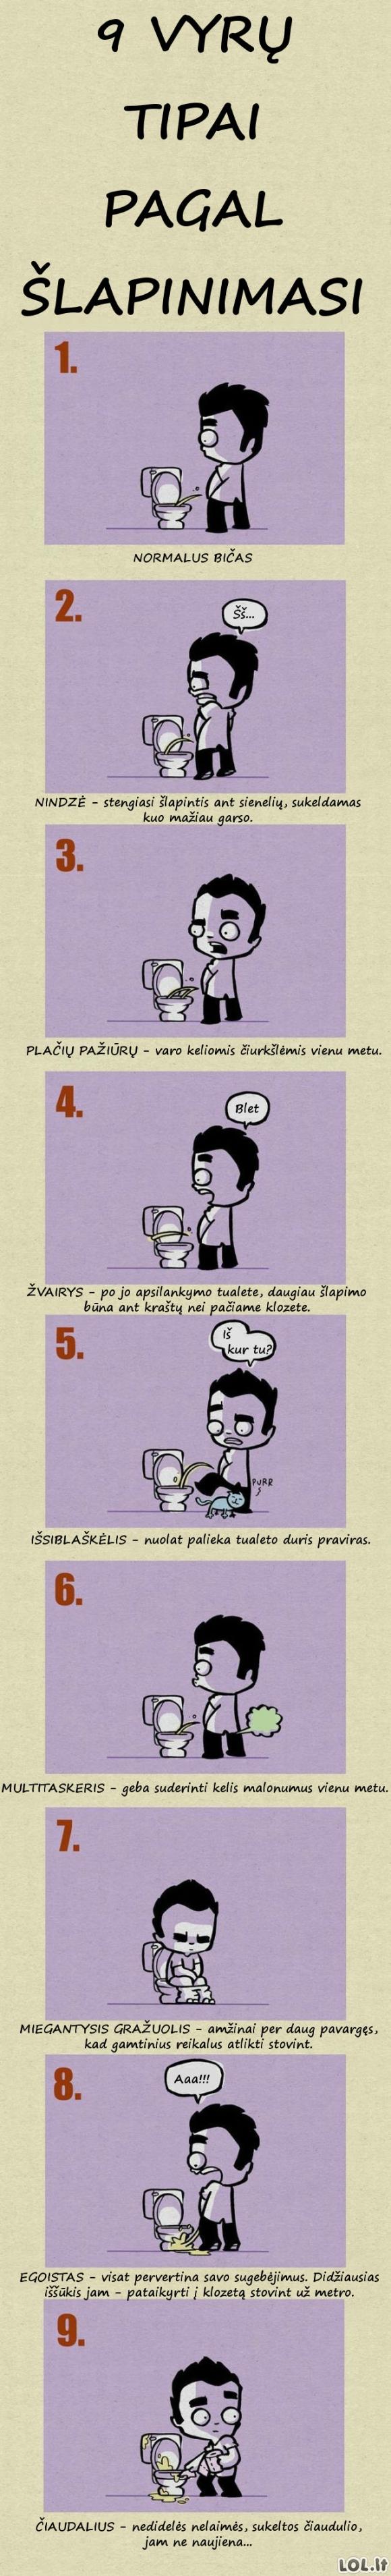 9 myžnių tipai